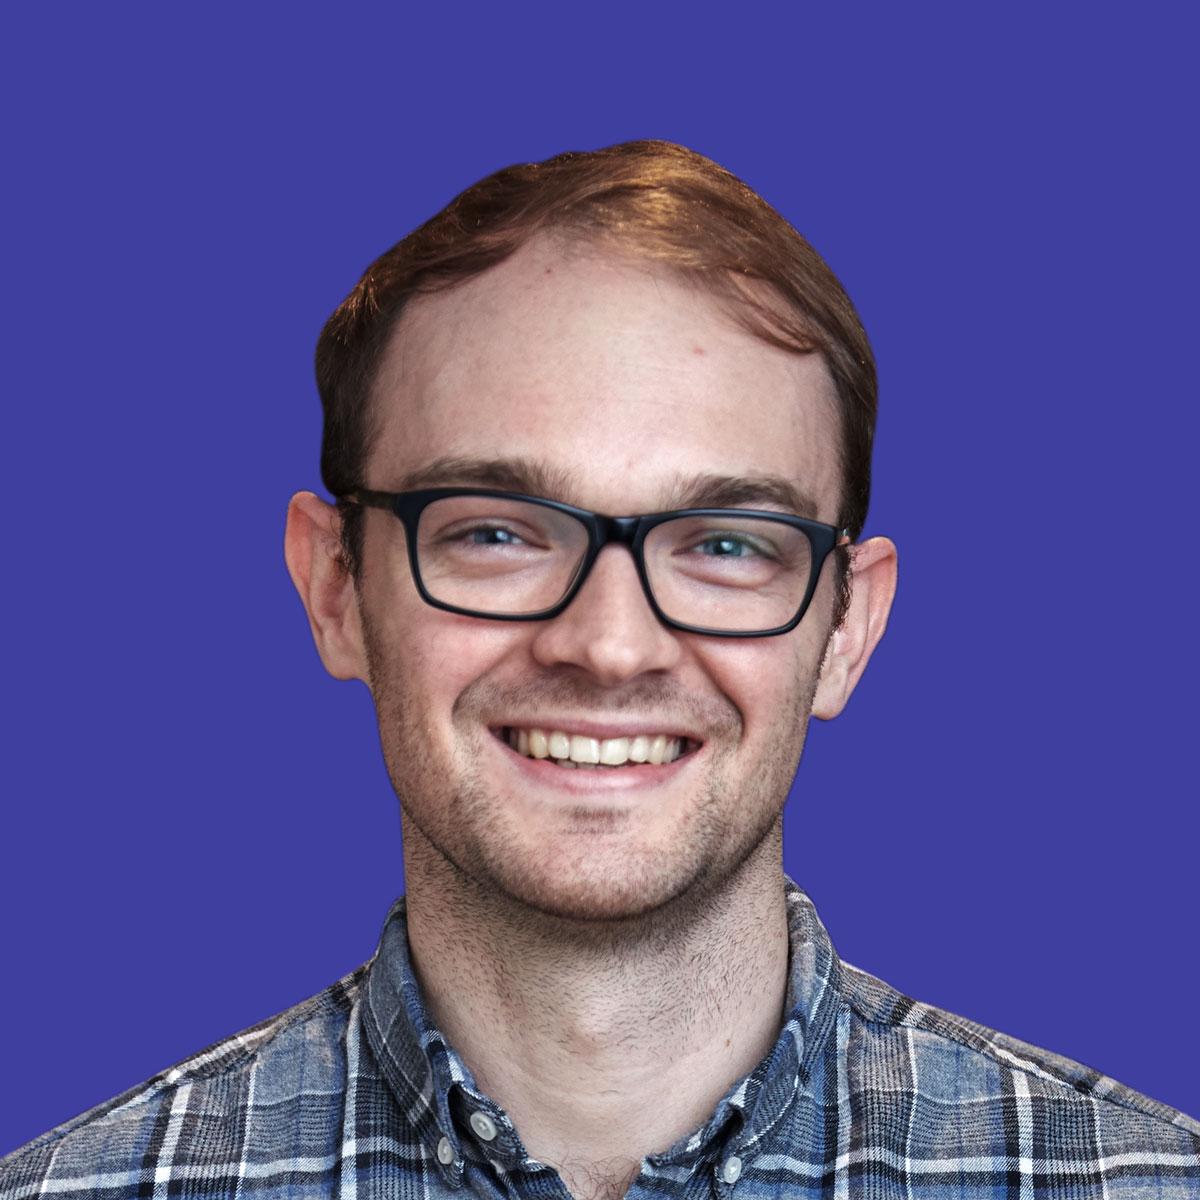 Andrew Jordon